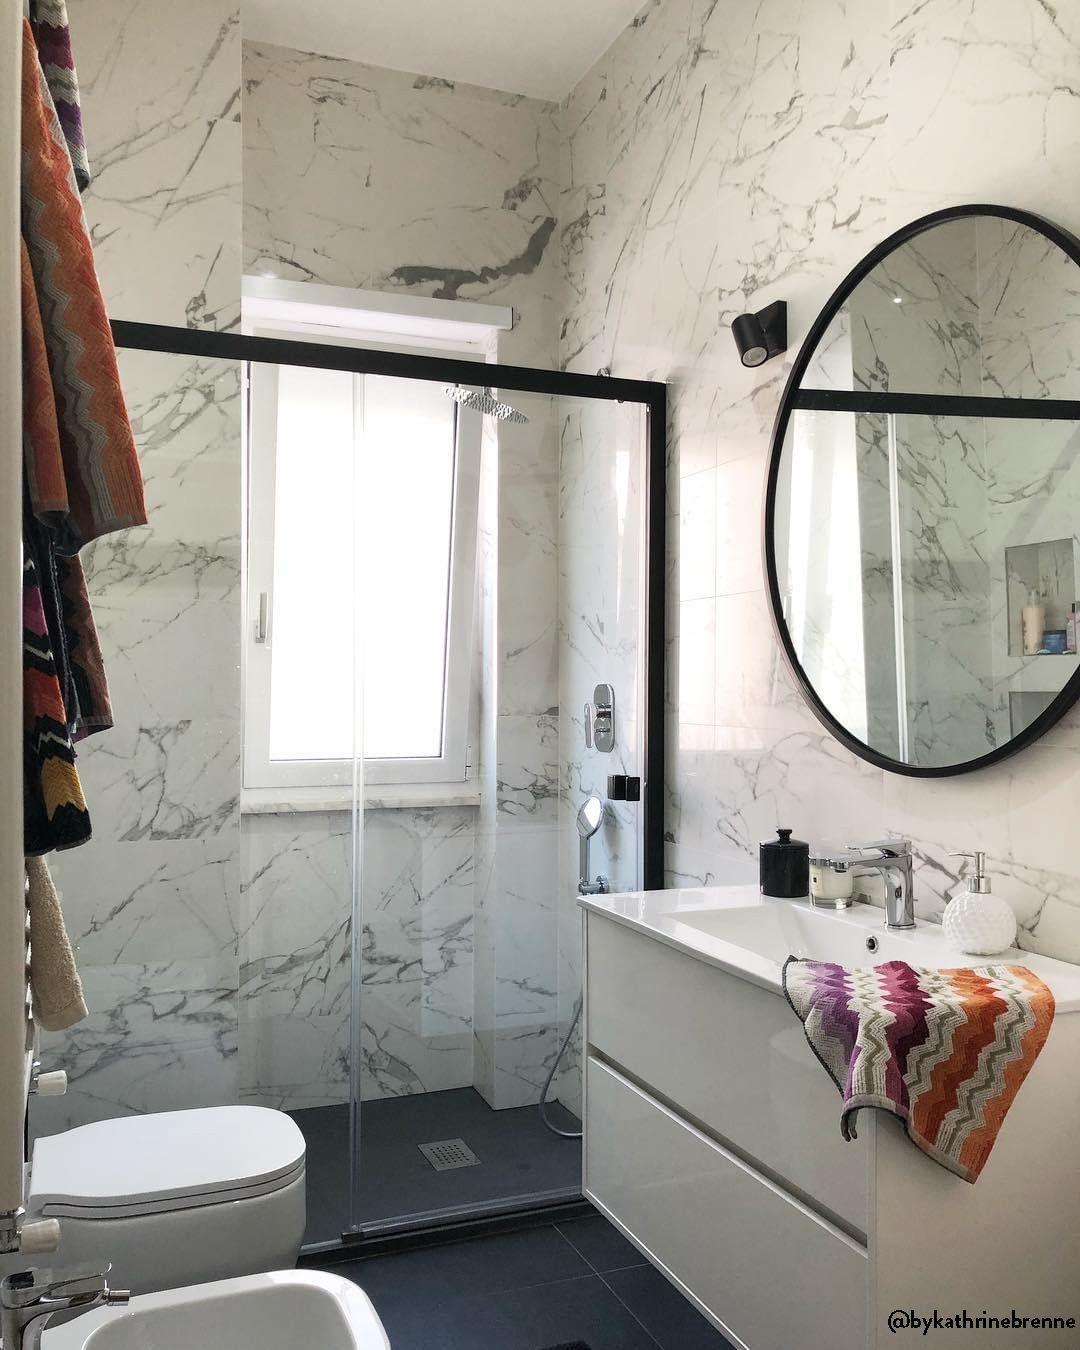 Ein Bad Ohne Badezimmerspiegel Kaum Vorstellbar Das Ist